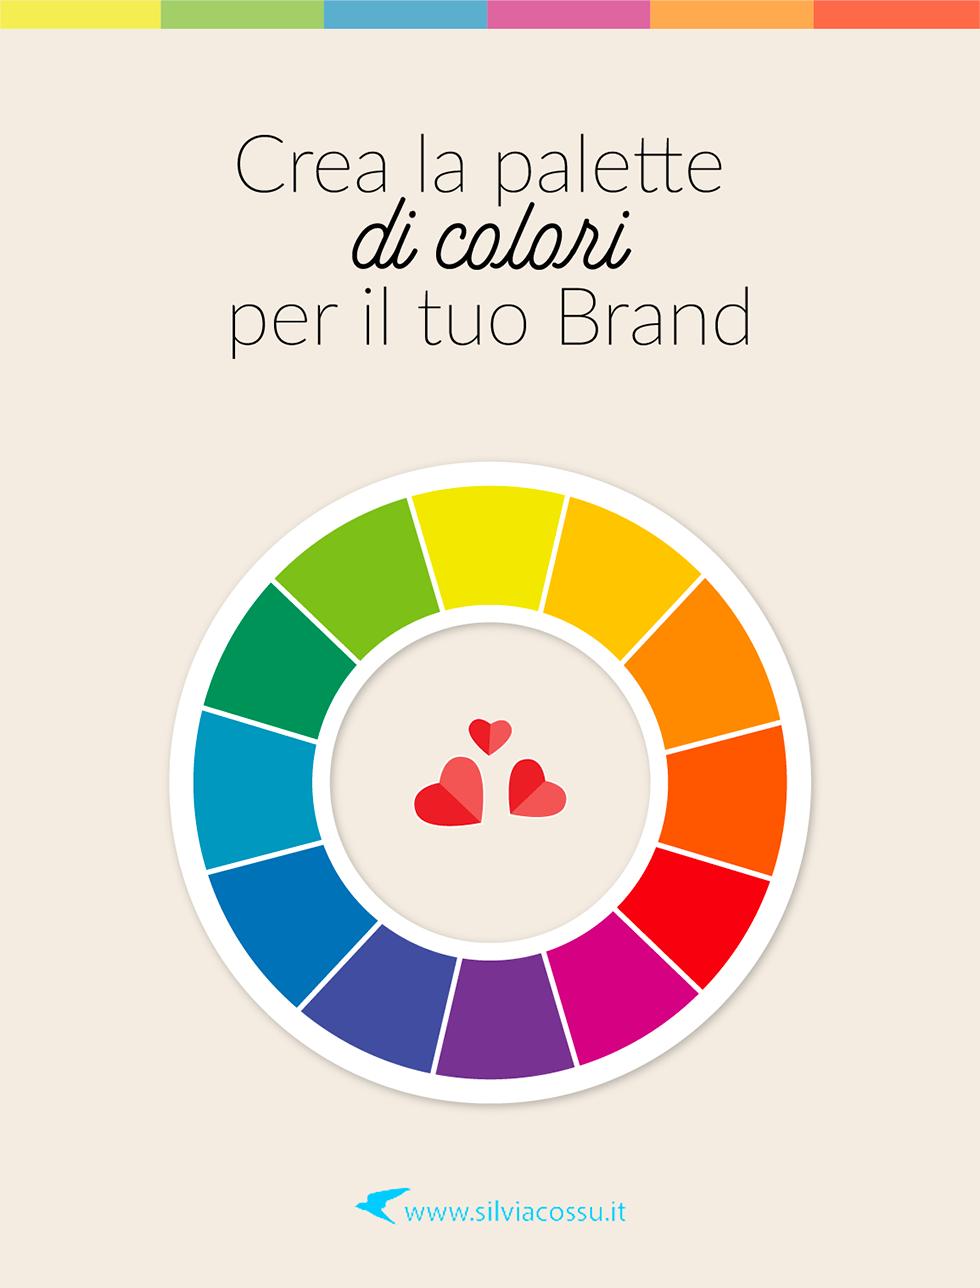 Come Creare Il Viola come creare una palette di colori per il tuo brand - silvia